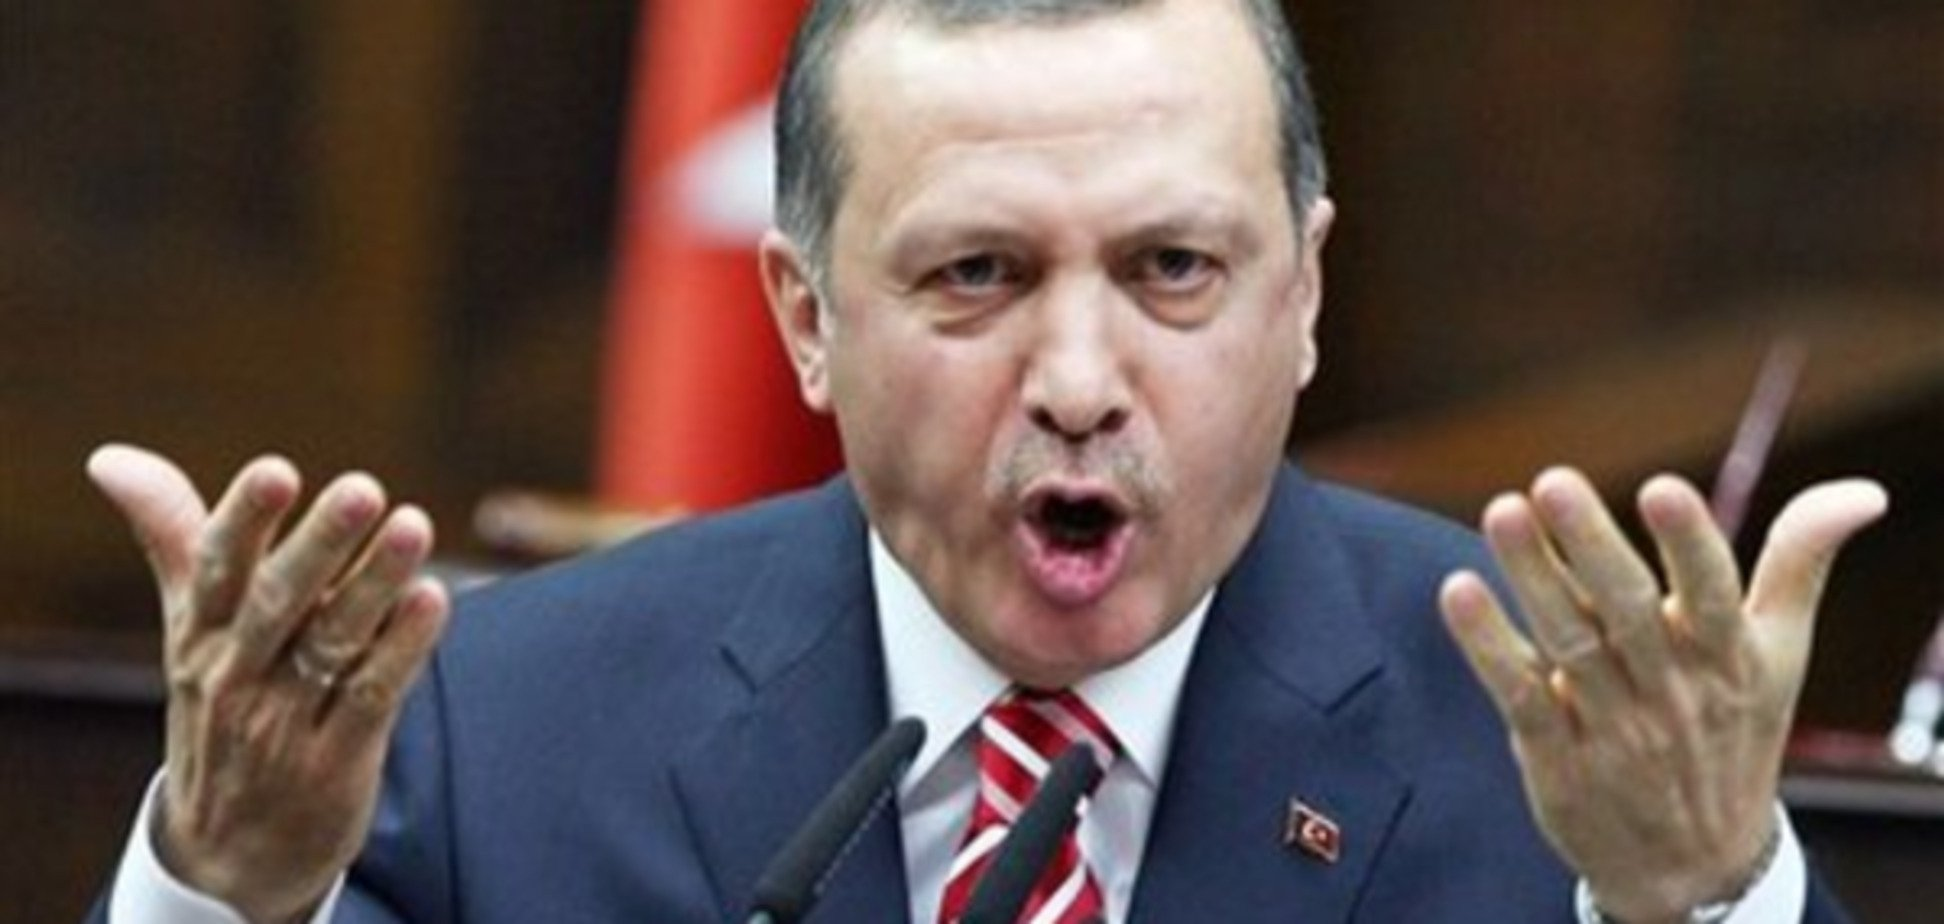 Ердоган закрив рот Росії: ніхто не має права паплюжити Туреччину